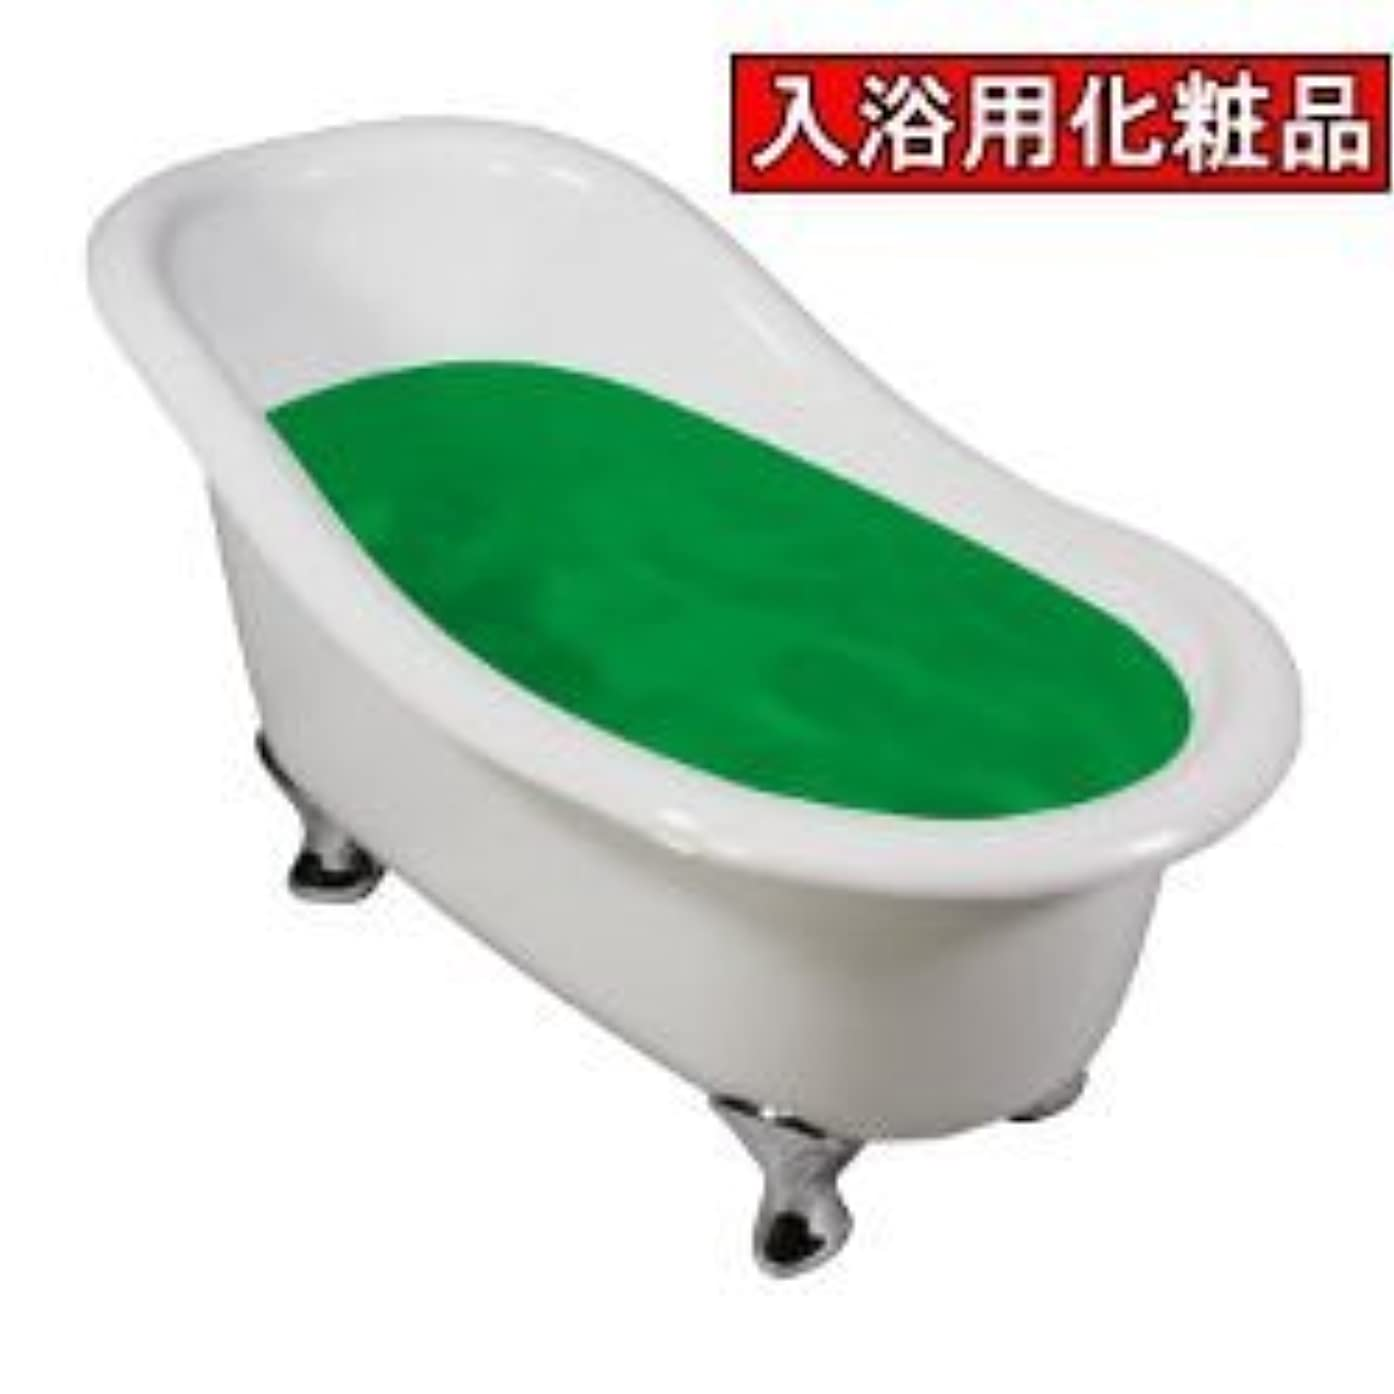 憂鬱な無能お祝い業務用入浴剤イヴタス 緑茶 17kg 業務用サイズ